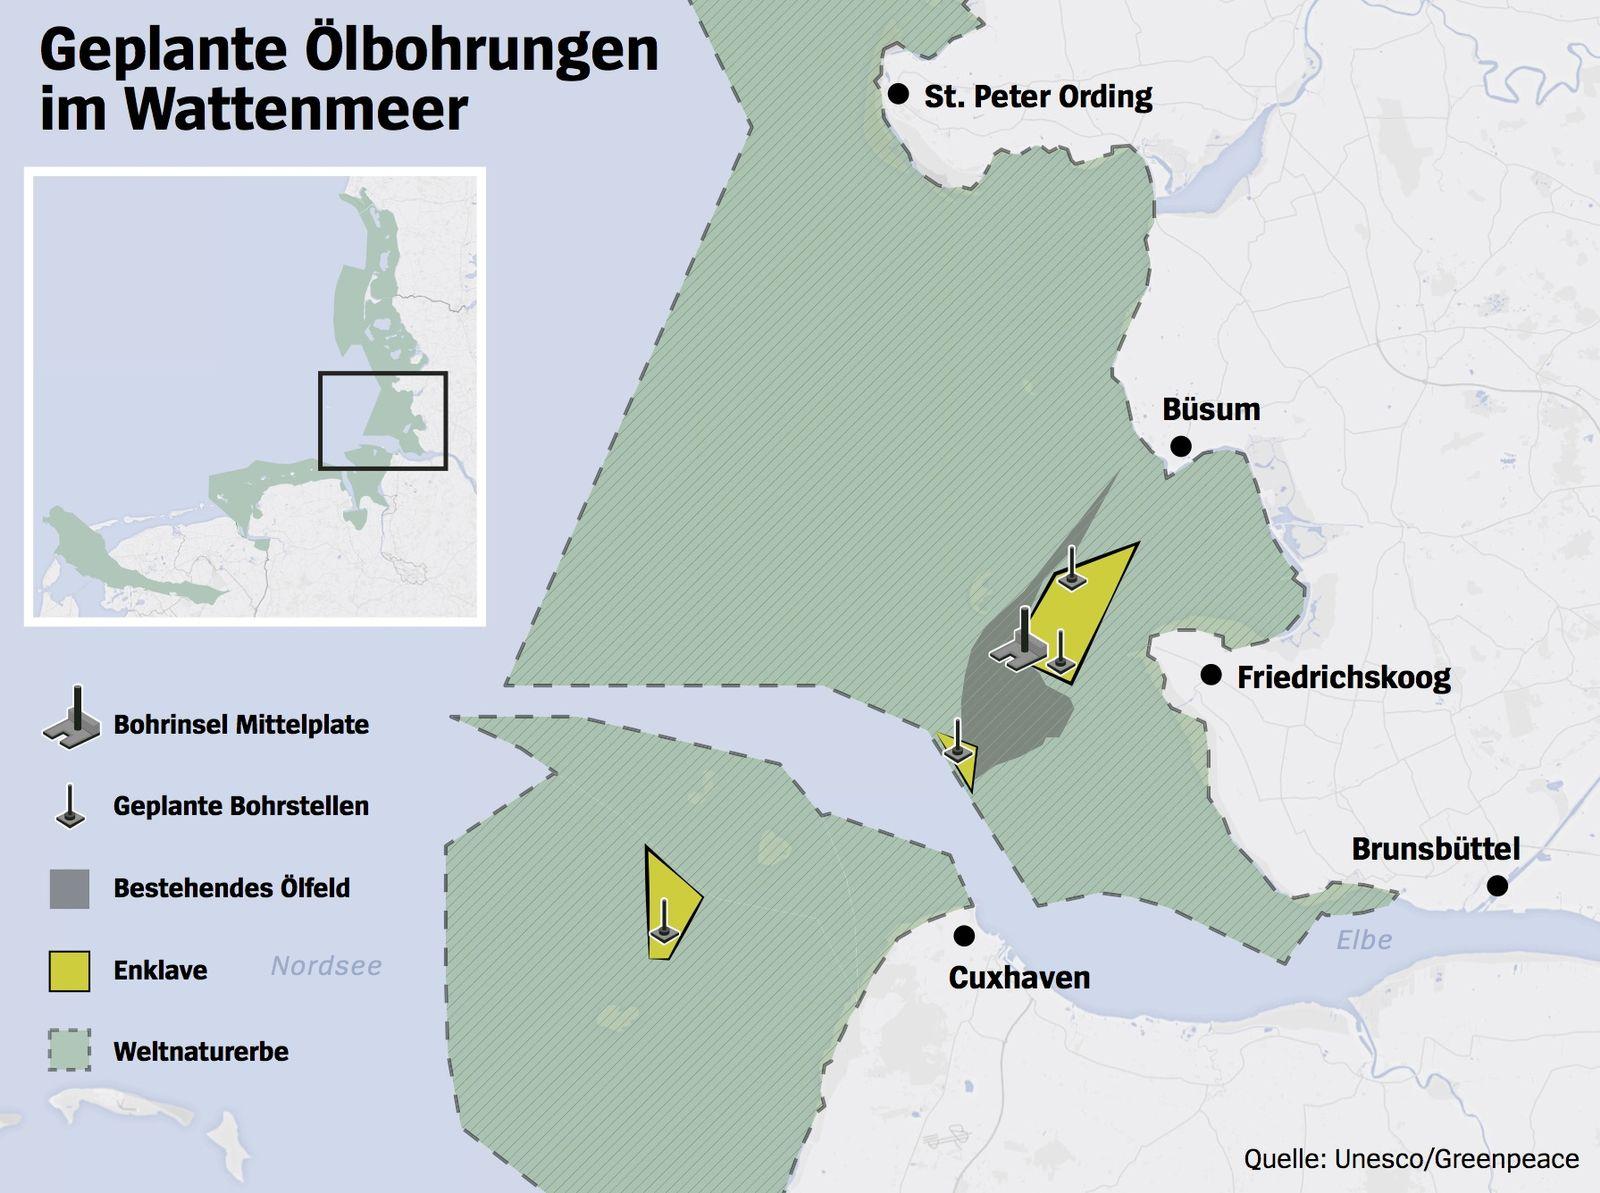 Karte geplante Ölbohrungen im Wattenmeer V2